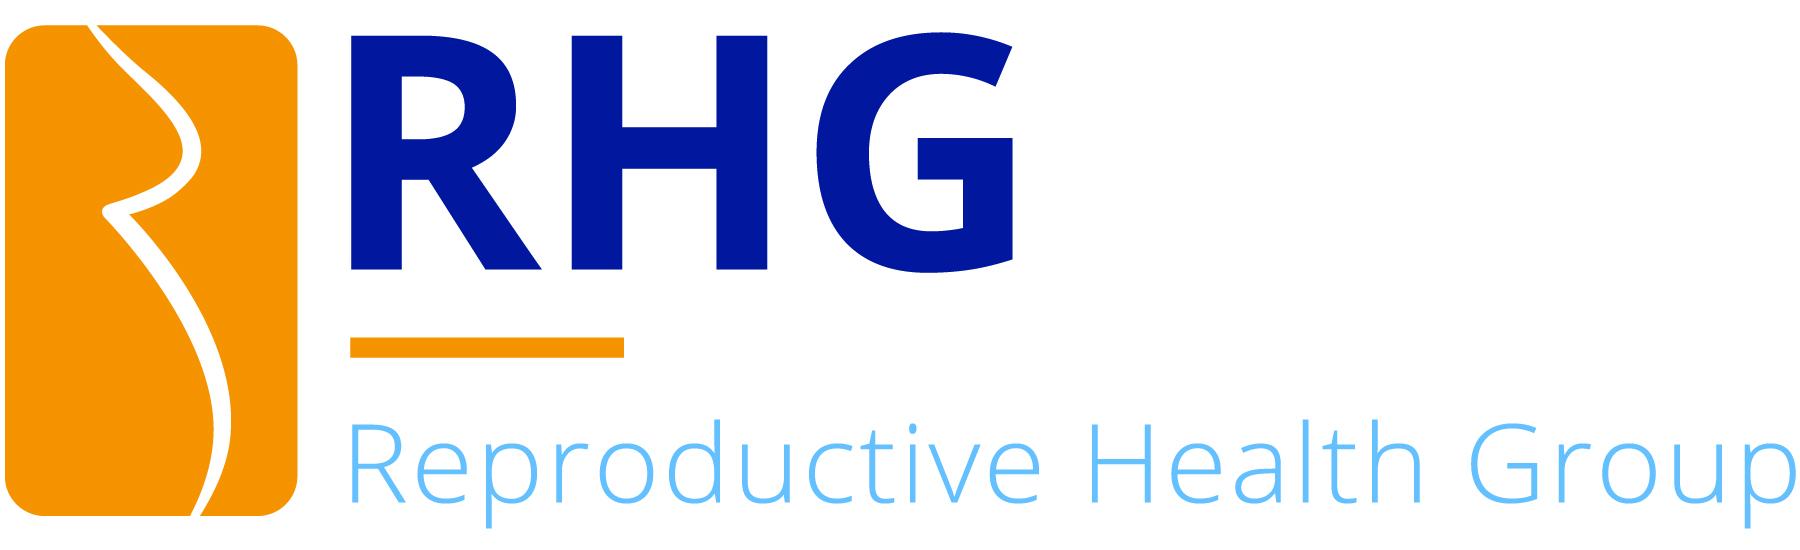 RHG_2018_logo (002)